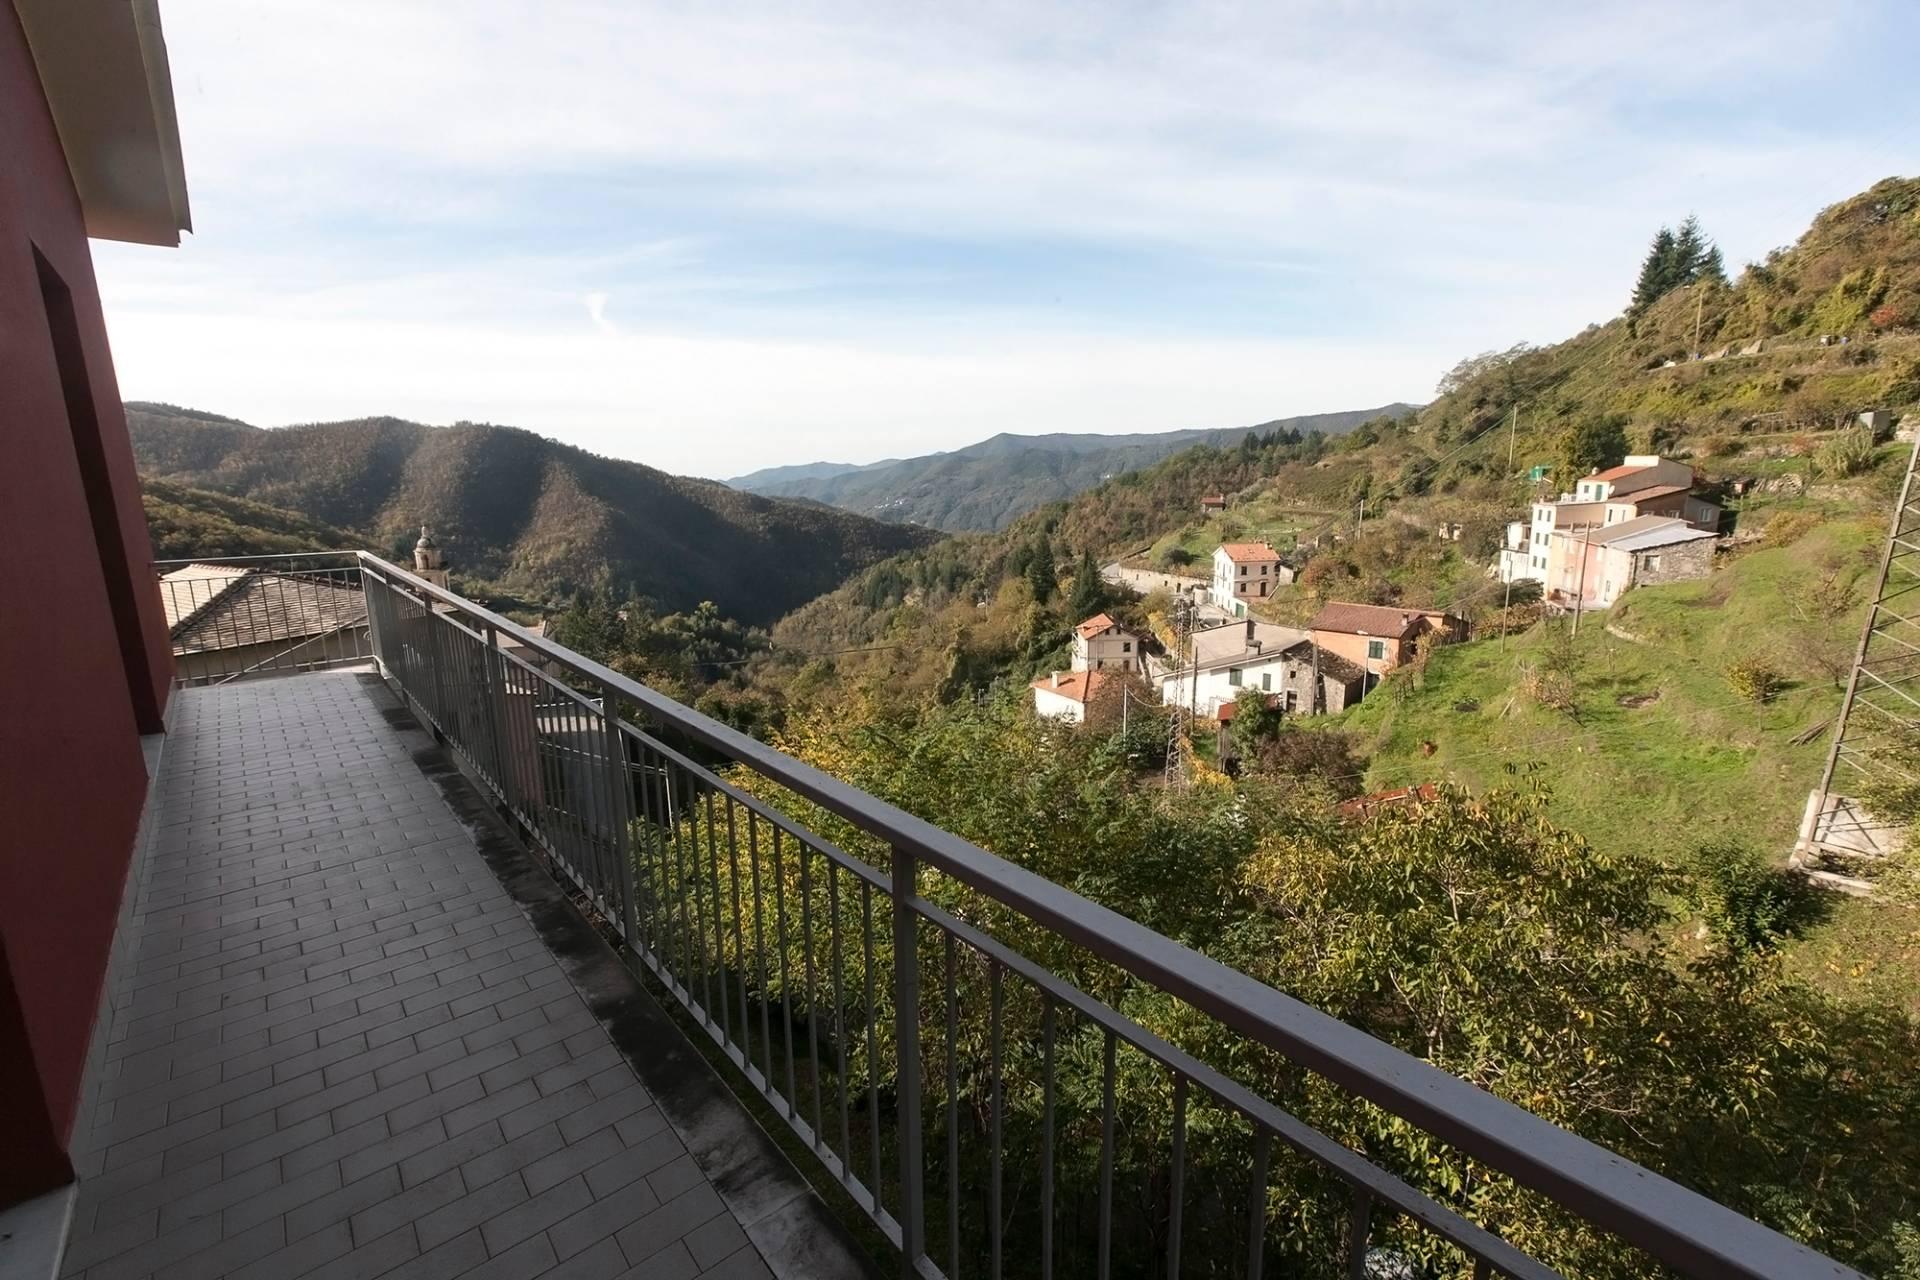 Soluzione Indipendente in vendita a Mezzanego, 6 locali, zona Località: SanSiroFoce, prezzo € 110.000   Cambio Casa.it